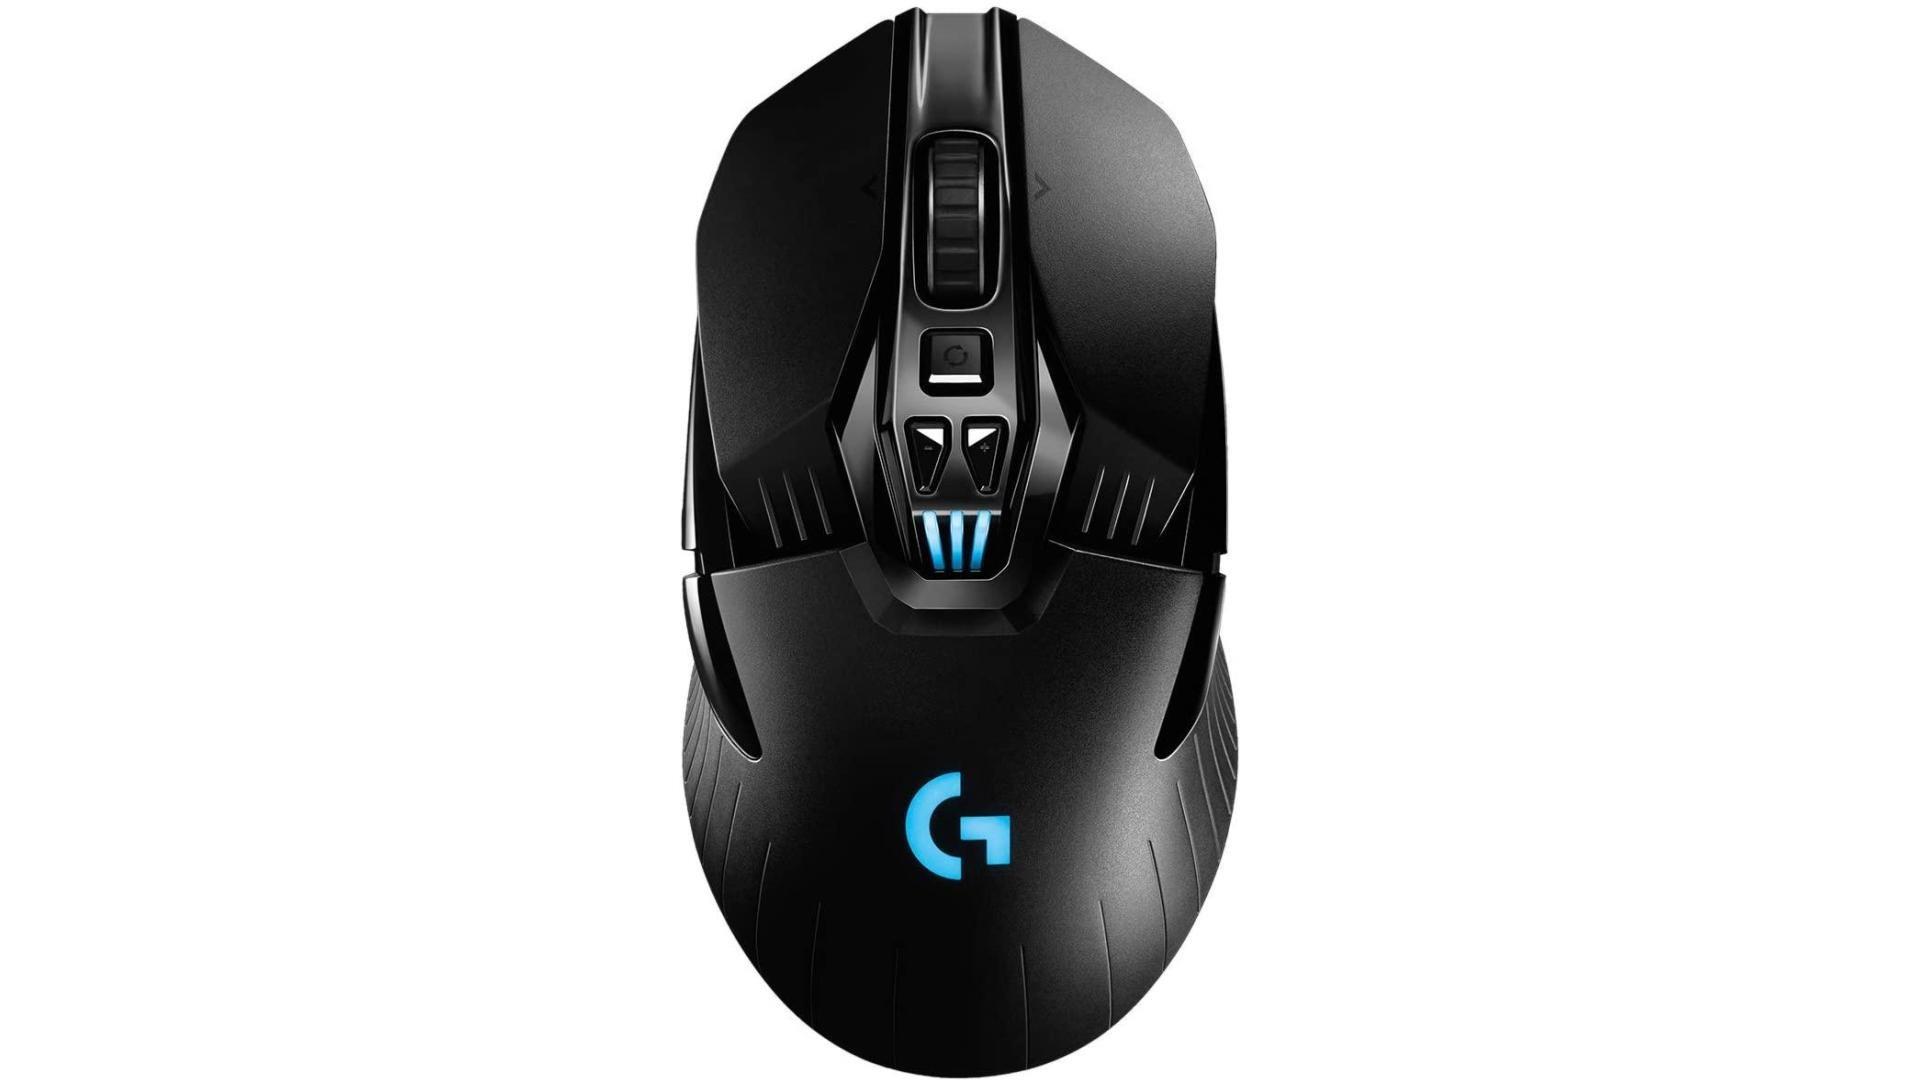 [Prime Day] La souris gamer Logitech G903 est à 84,99 euros au lieu de 149